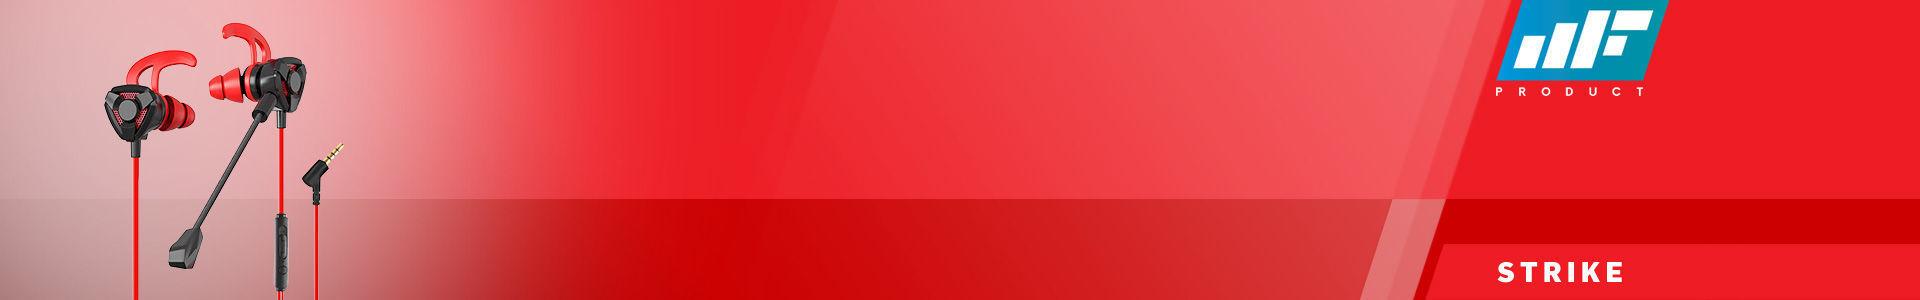 MF Product Strike 0645 Mikrofonlu Kablolu Kulak İçi Oyuncu Kulaklığı Kırmızı, senin için yola çıkmaya hazır!